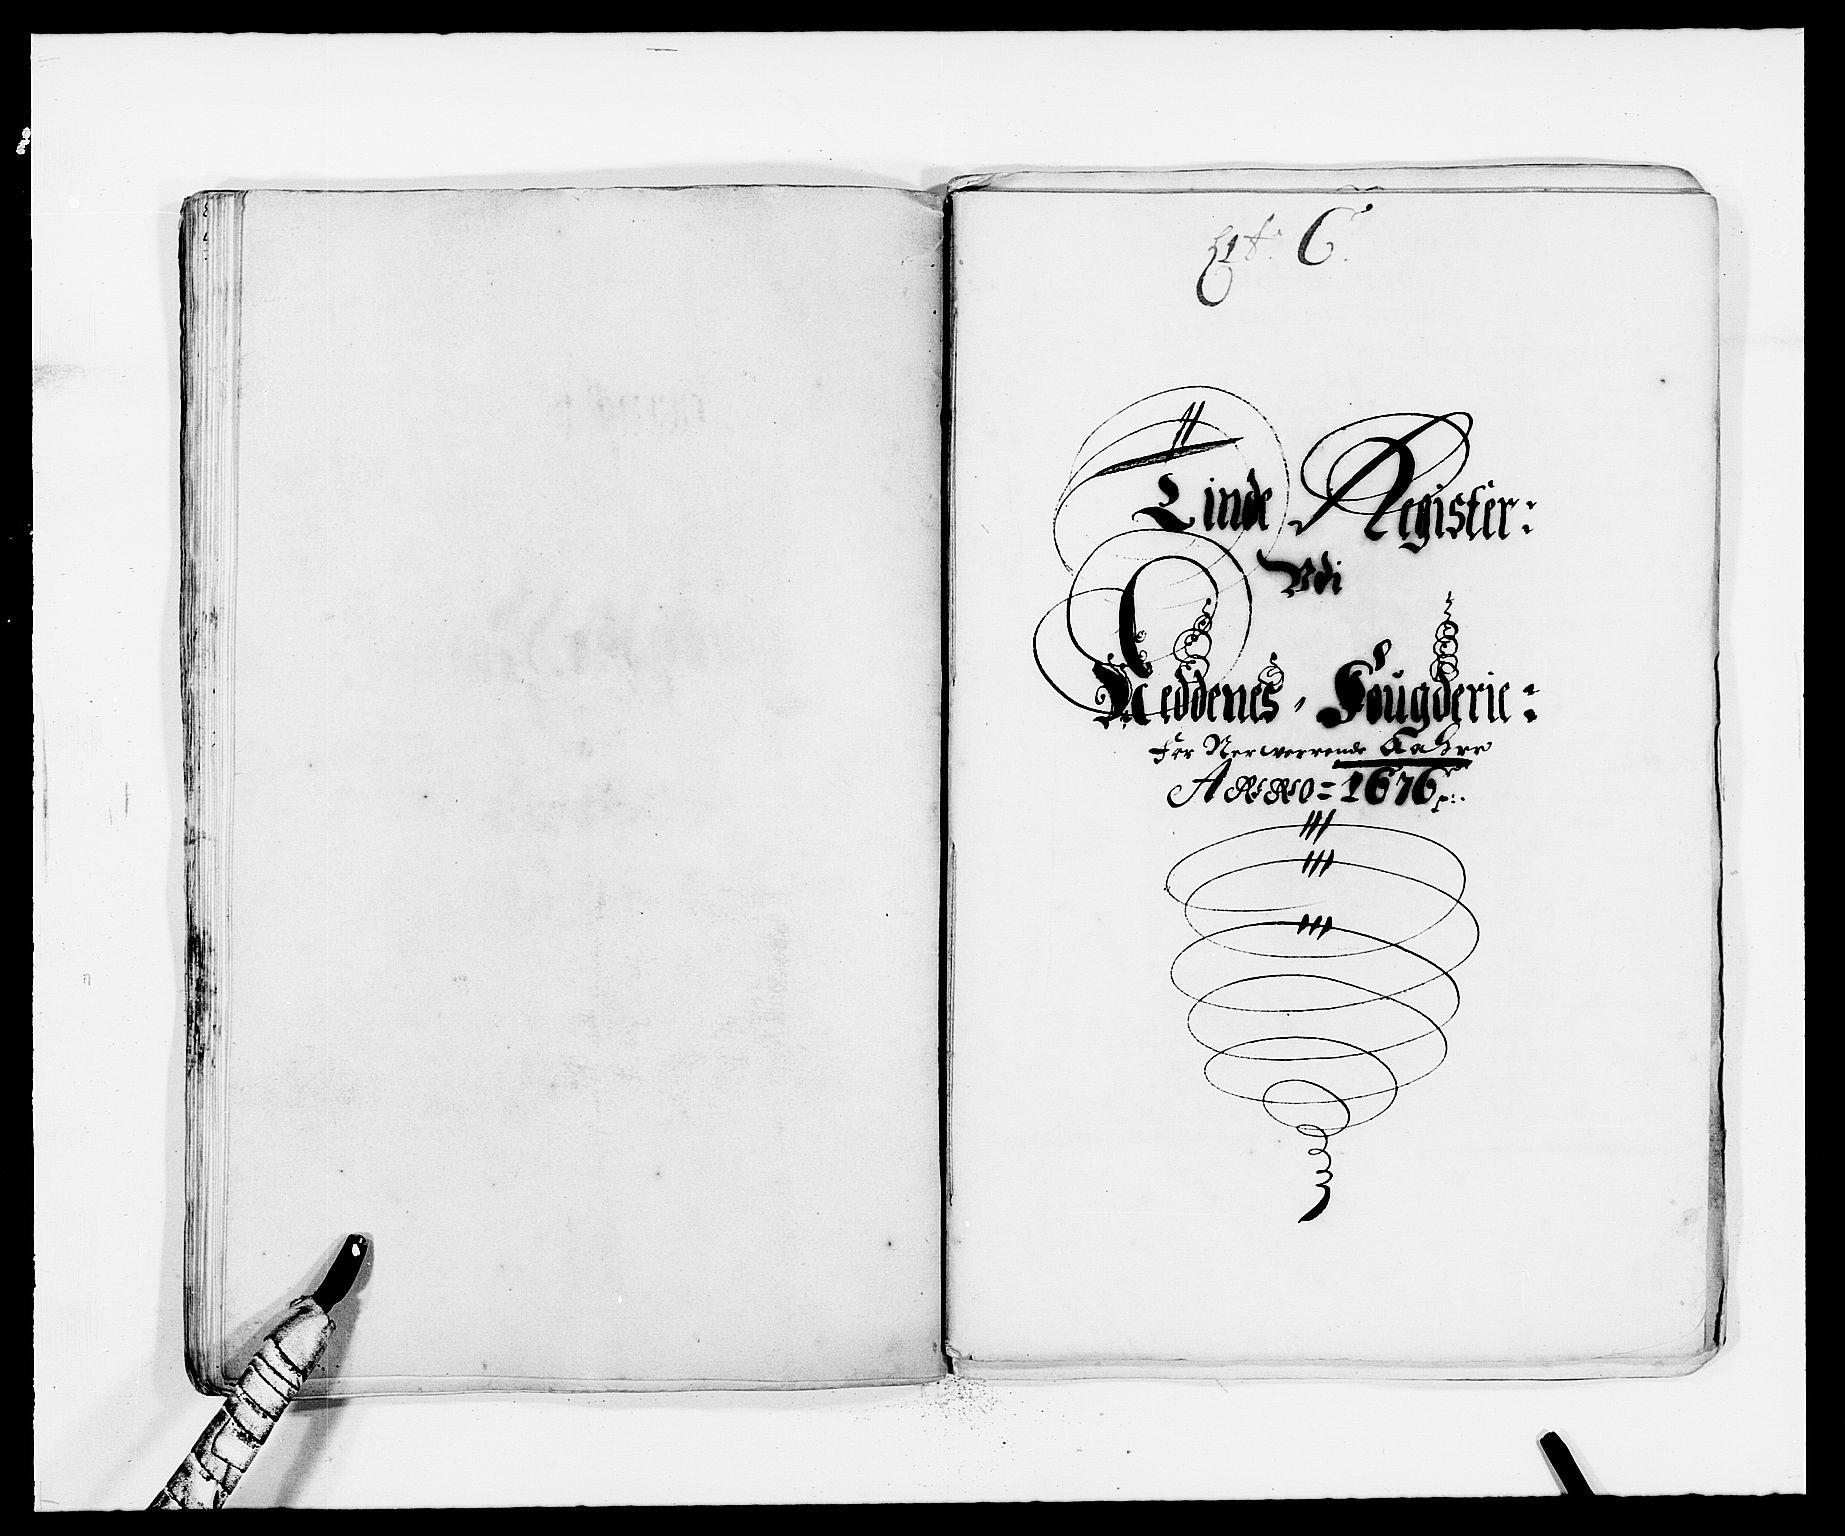 RA, Rentekammeret inntil 1814, Reviderte regnskaper, Fogderegnskap, R39/L2301: Fogderegnskap Nedenes, 1675-1676, s. 231